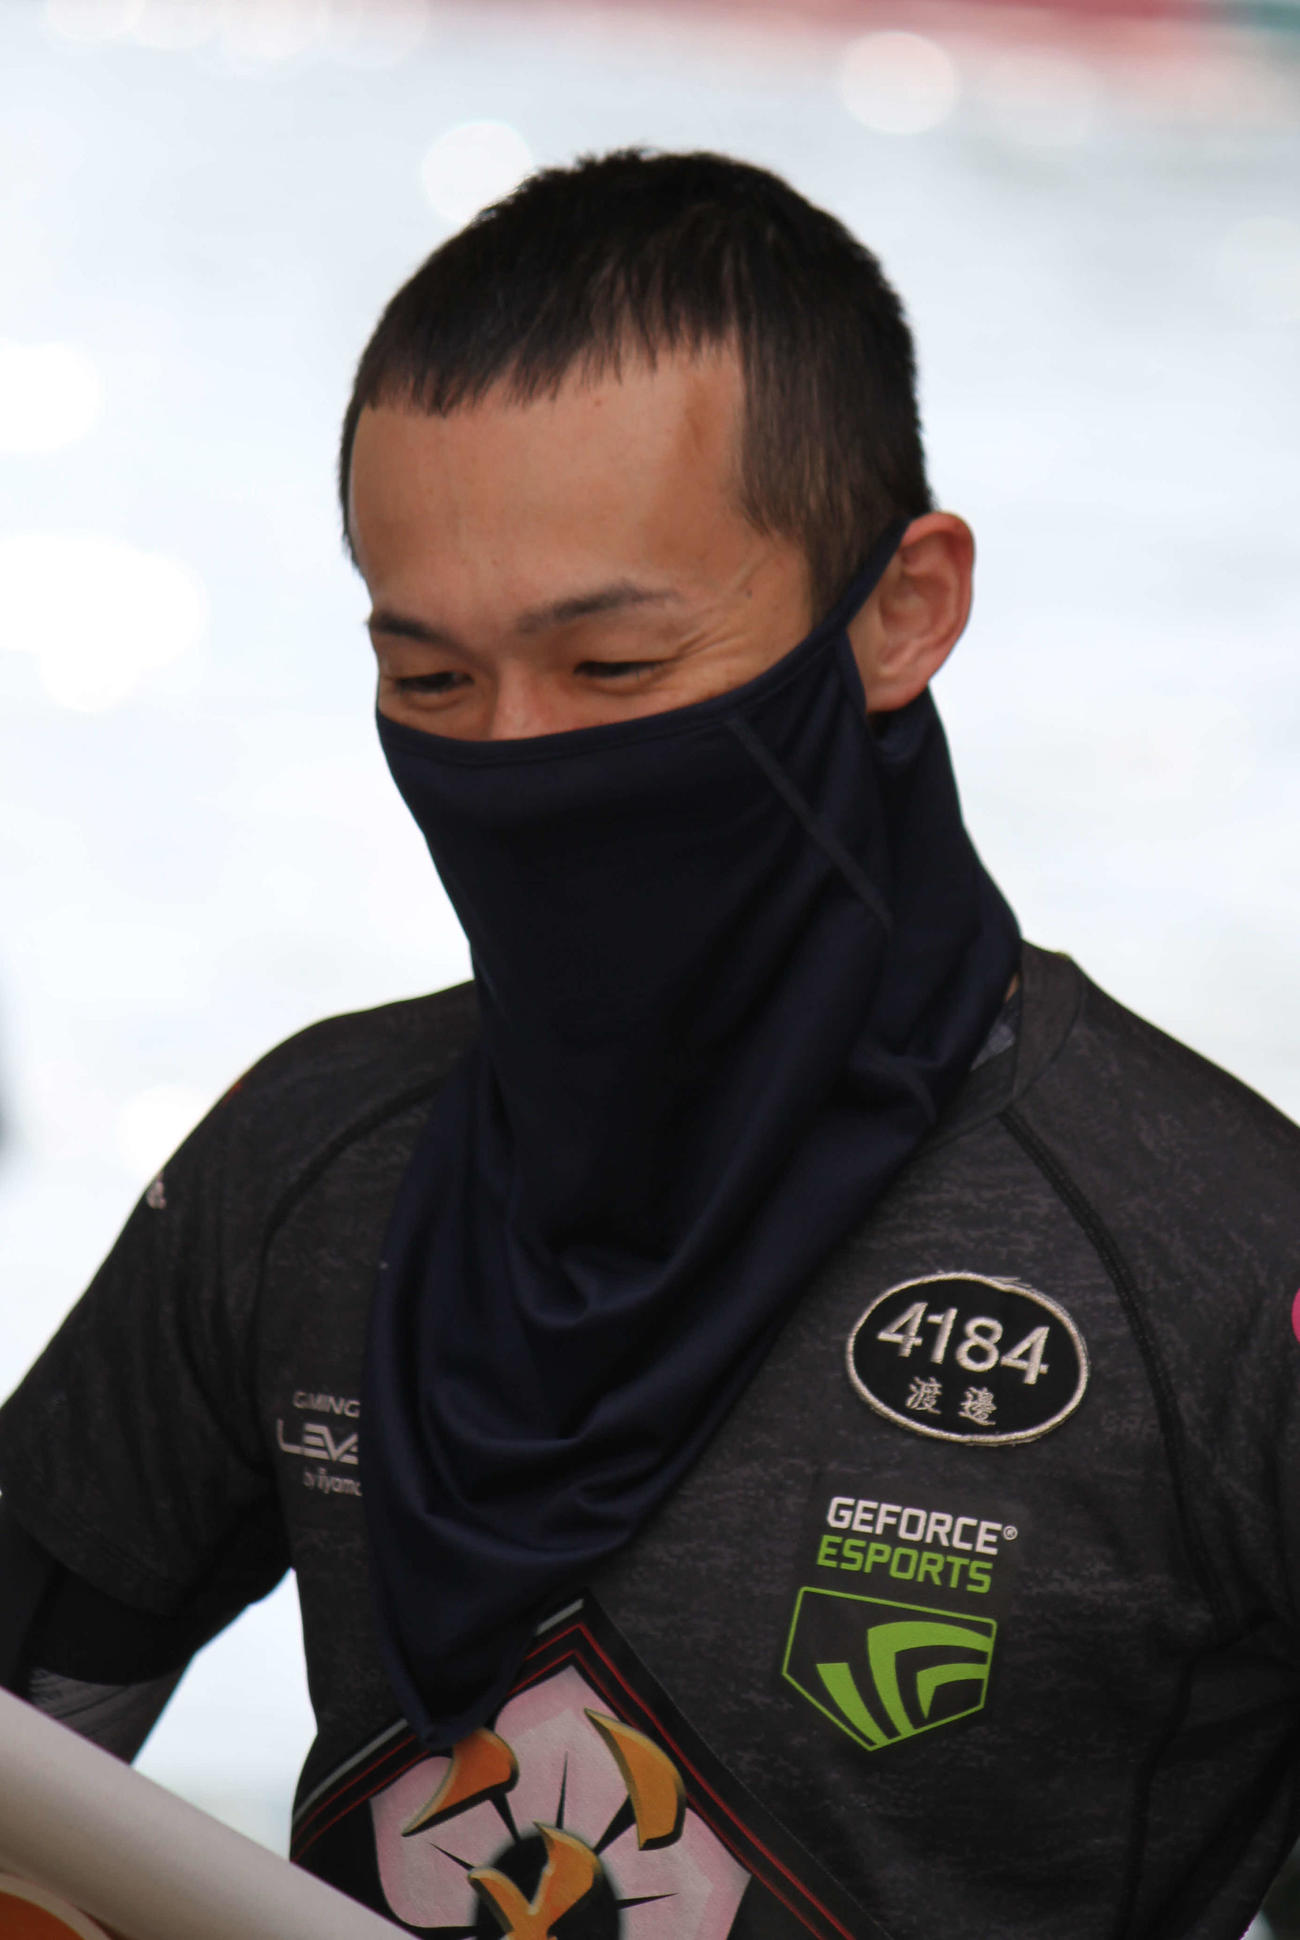 渡辺雄一郎はA1級の勝負駆け。行き足から伸びに手応えを得た(撮影・北條直治)